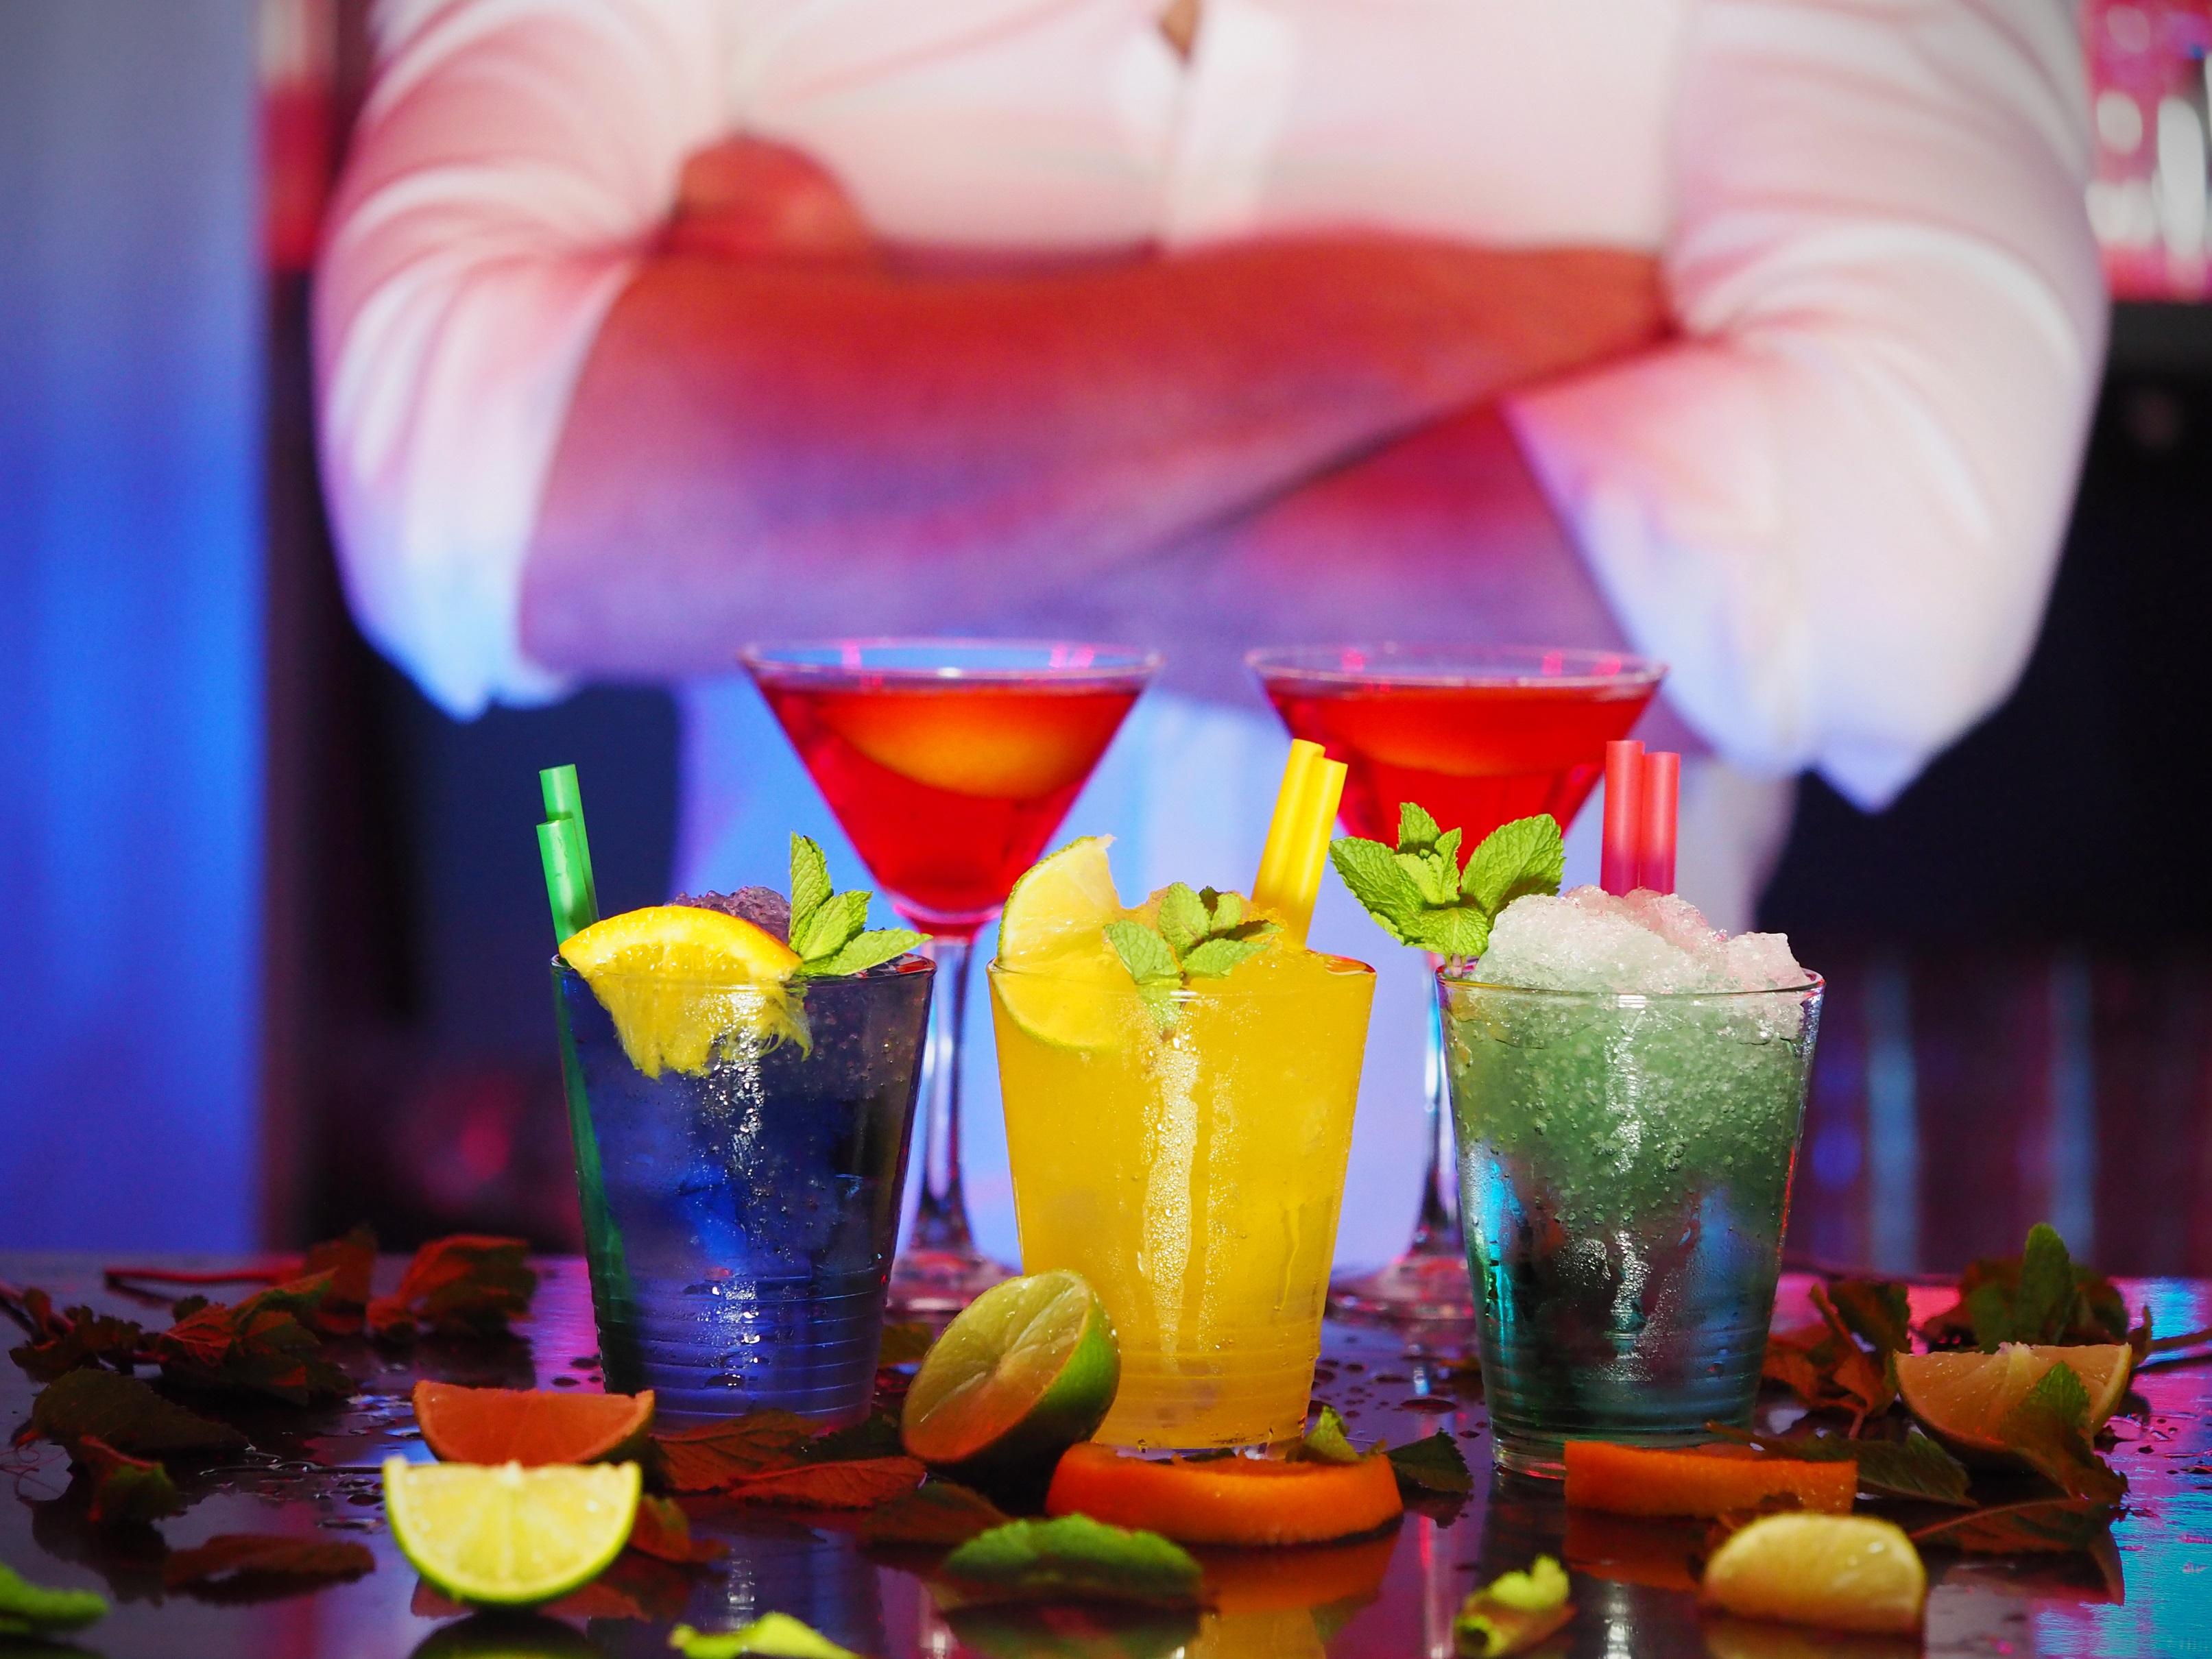 Alkohol nélkül is szuper a buli, ha hagynak mulatni – a Száraz November tanulságai